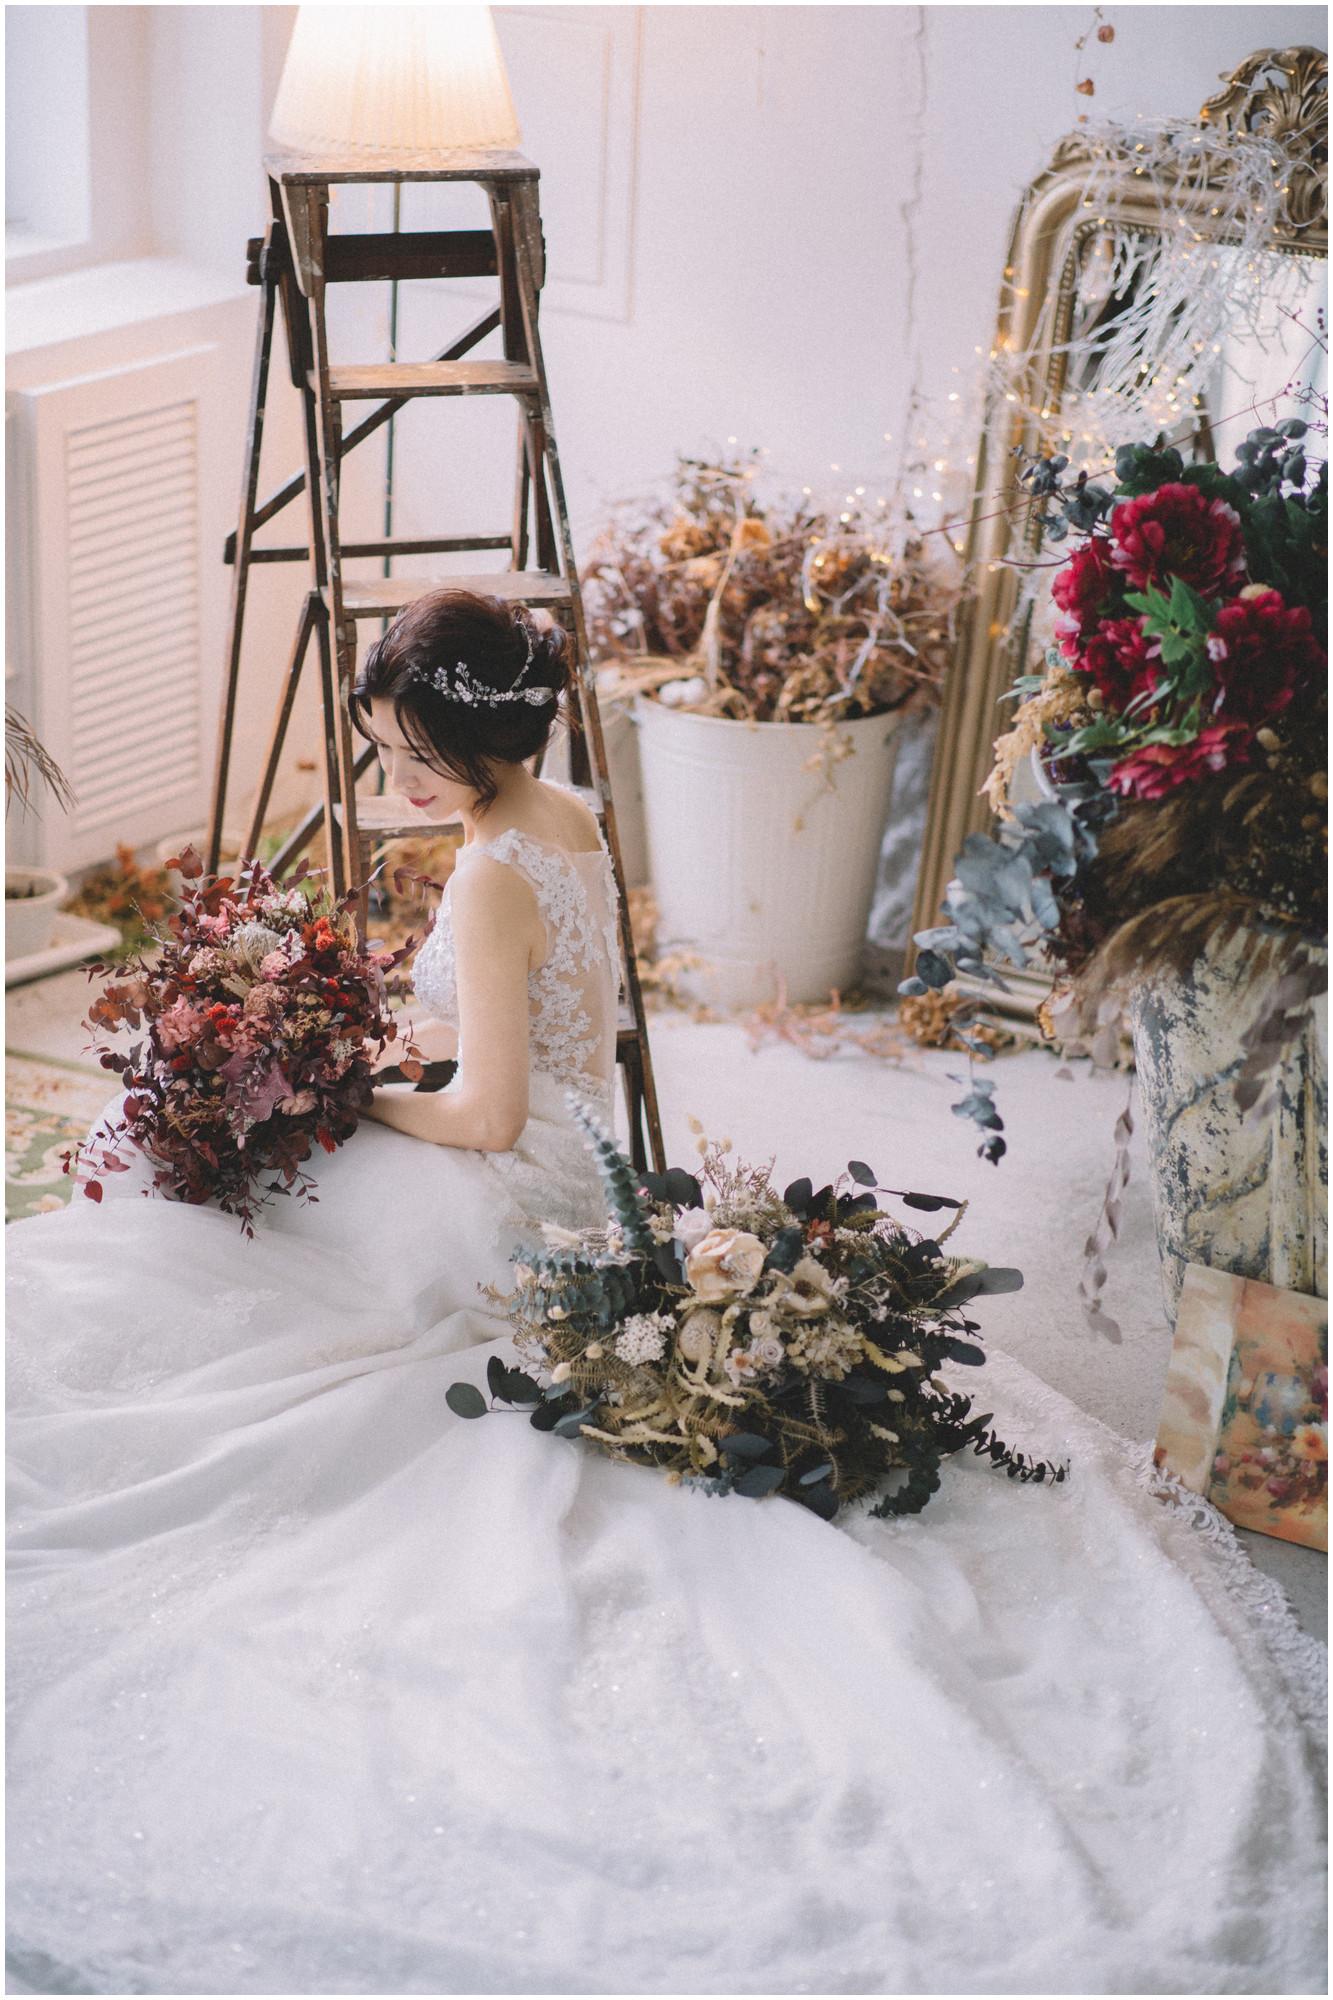 親子寫真  / 寵物寫真 / 親子婚紗 / 全家福 / 素人寫真